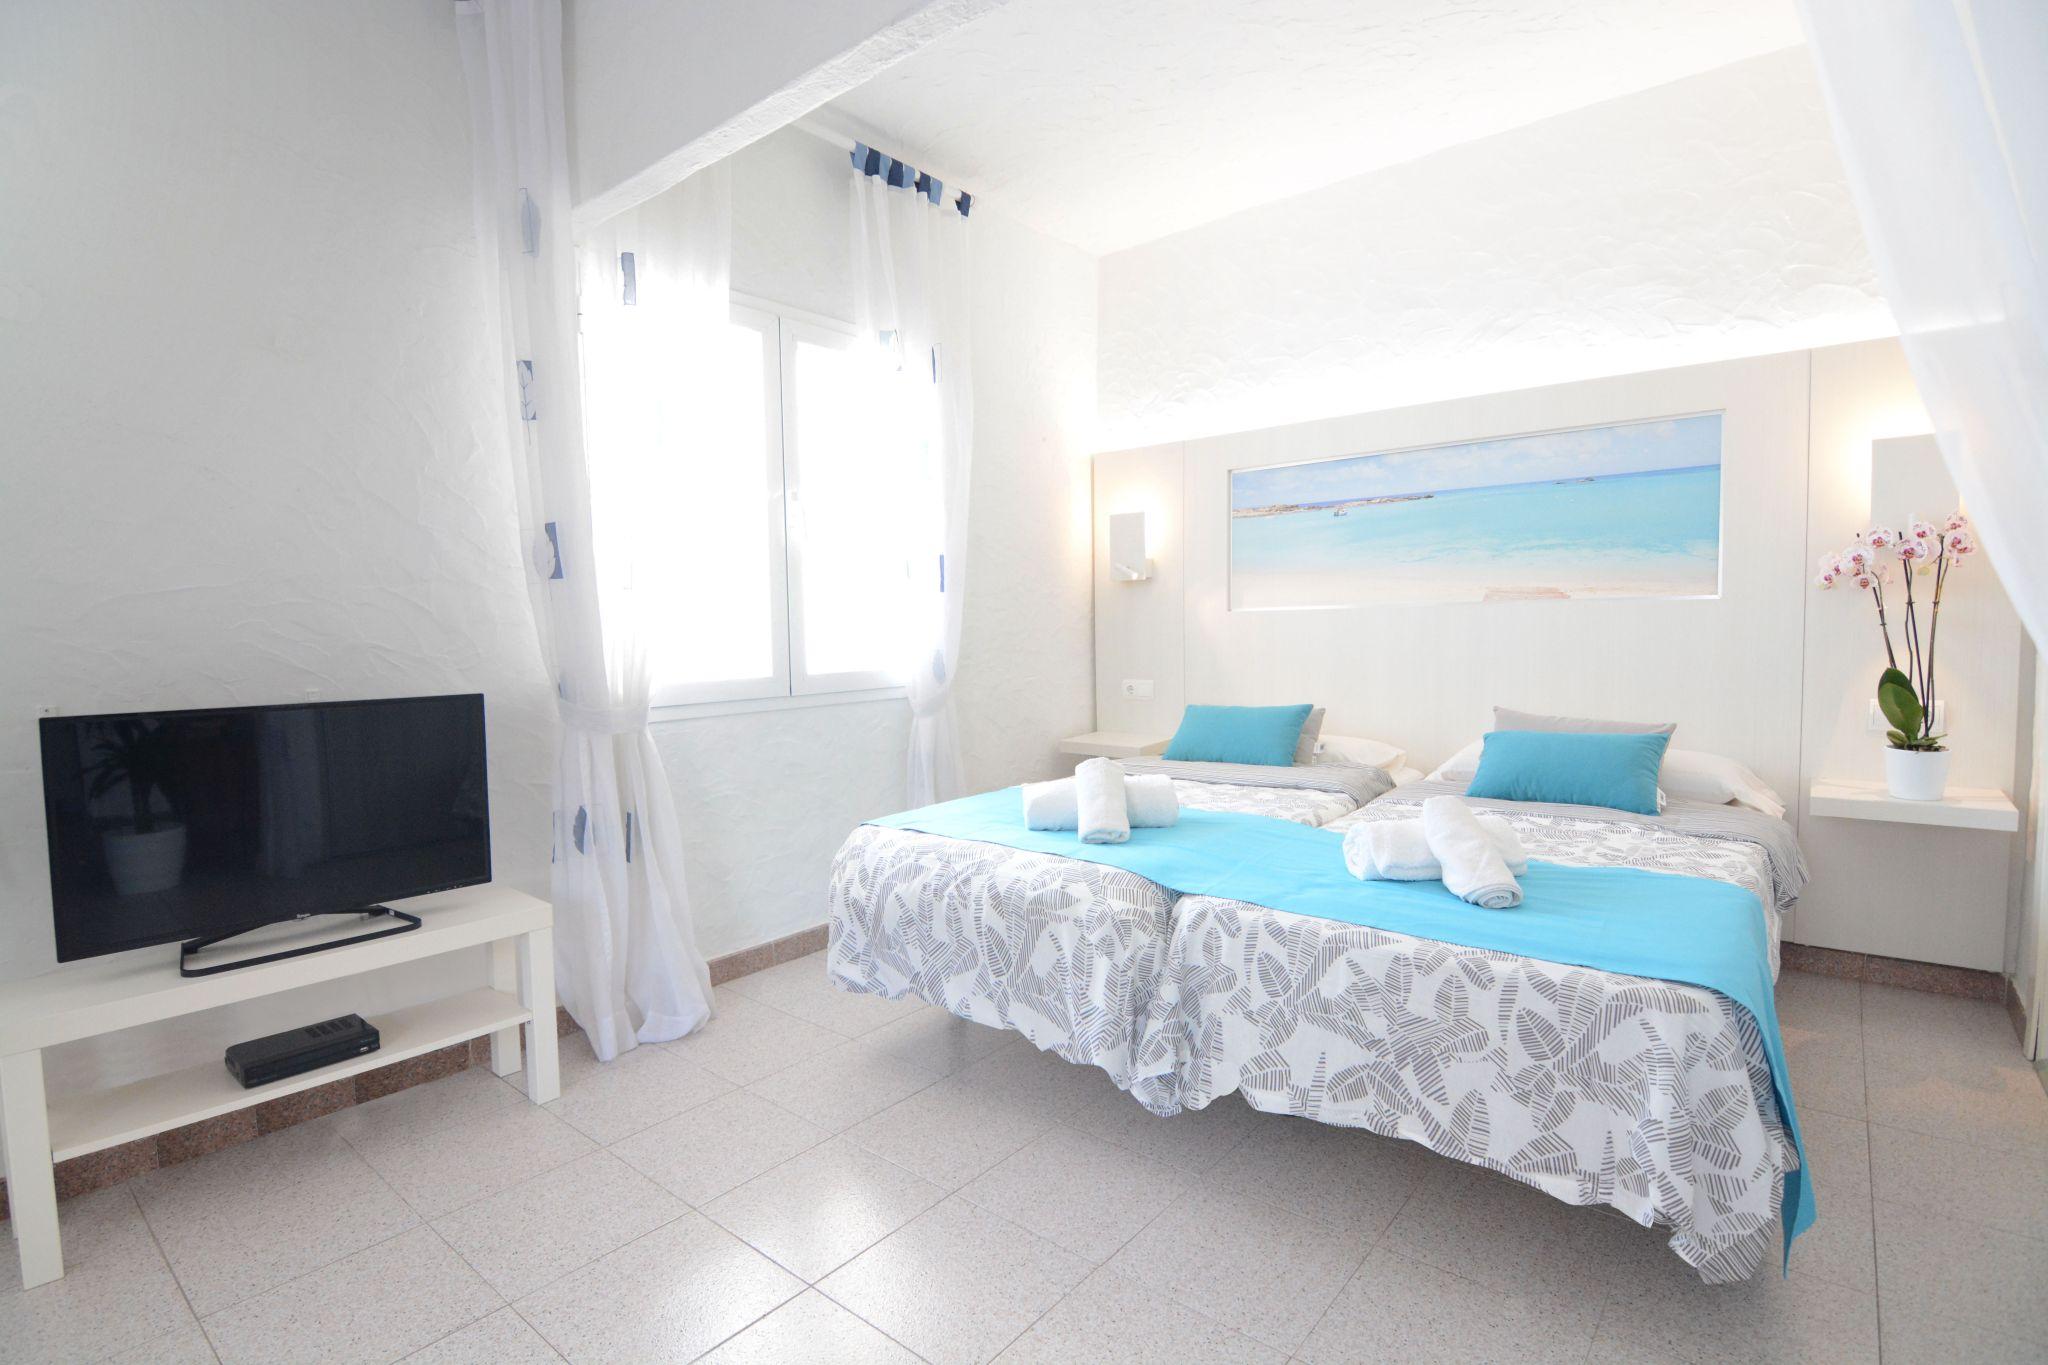 Alojamiento alquiler en ibiza apartamentos casa franziska - Apartamentos alquiler en ibiza ...